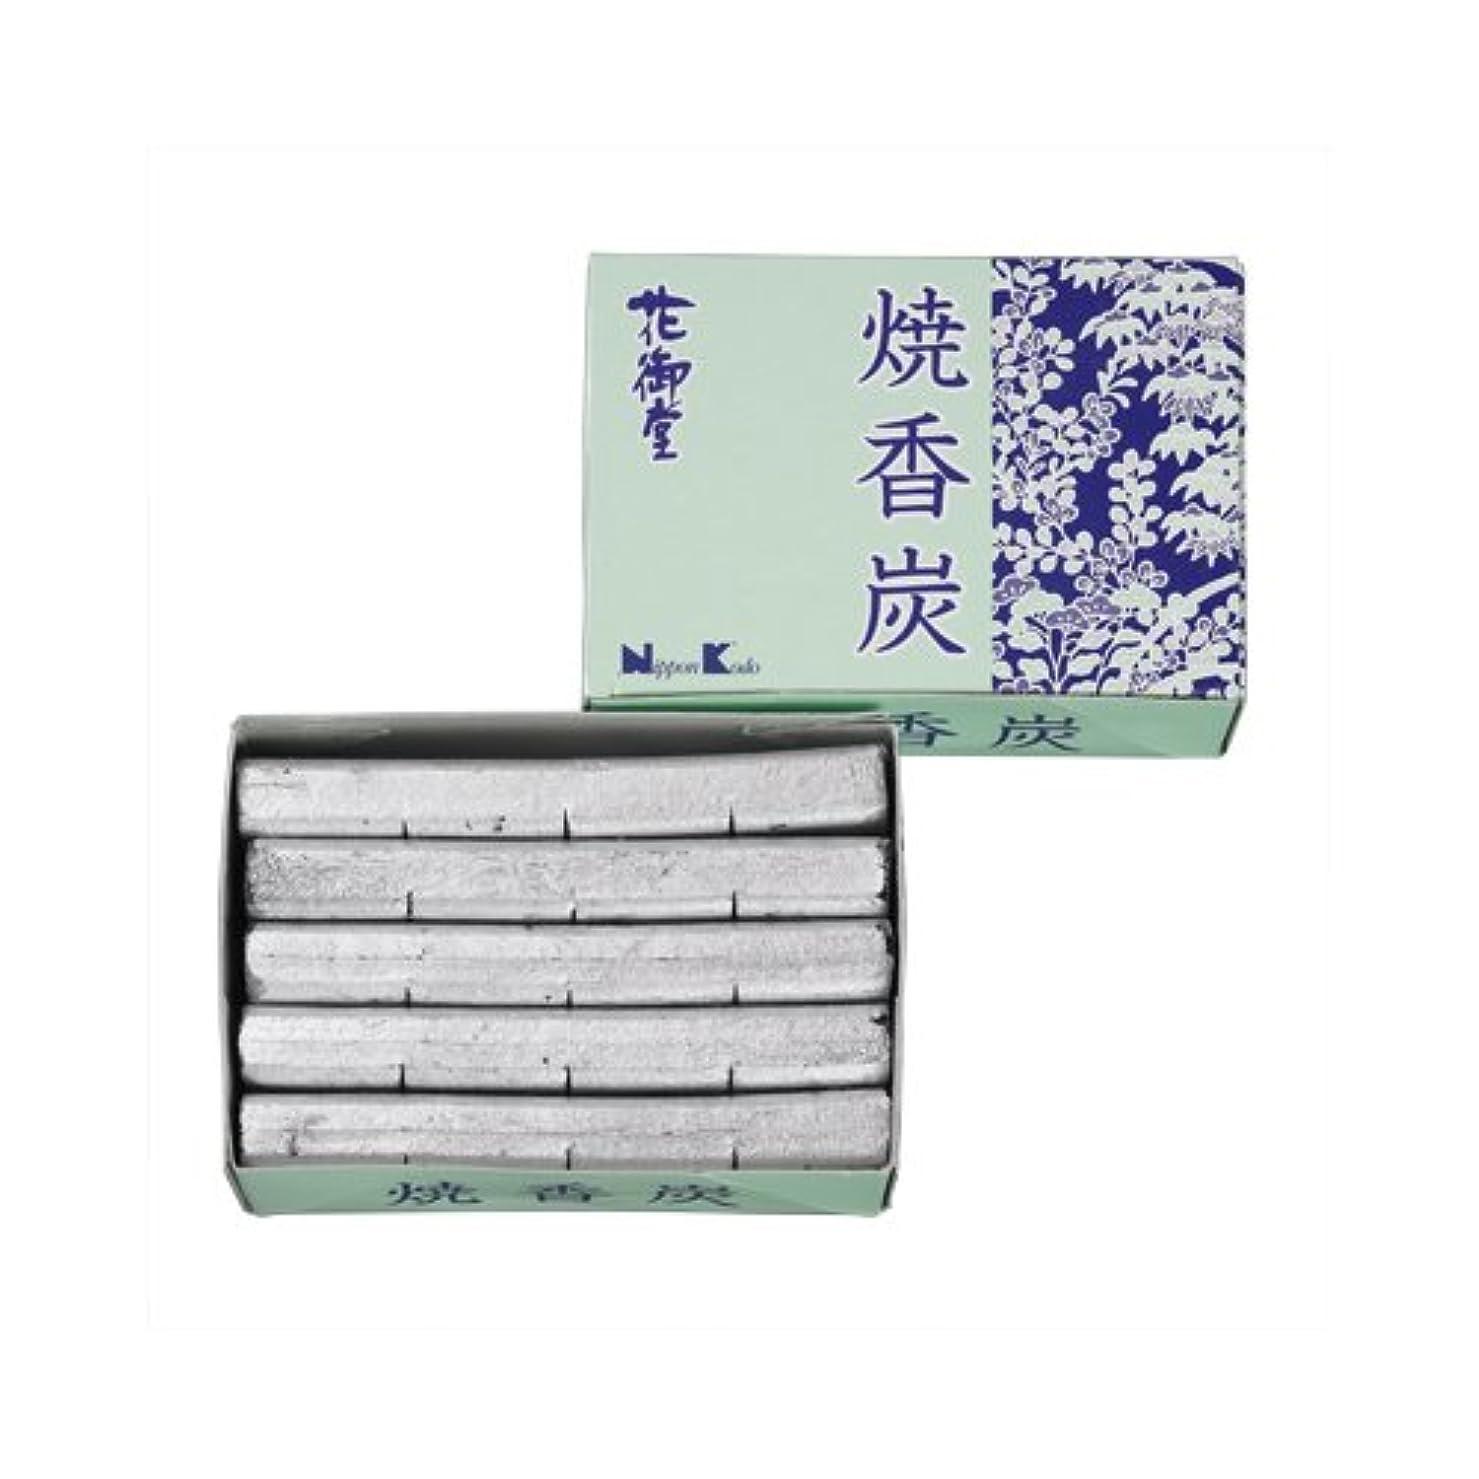 ショルダー訪問まもなく花御堂 焼香炭 #92011